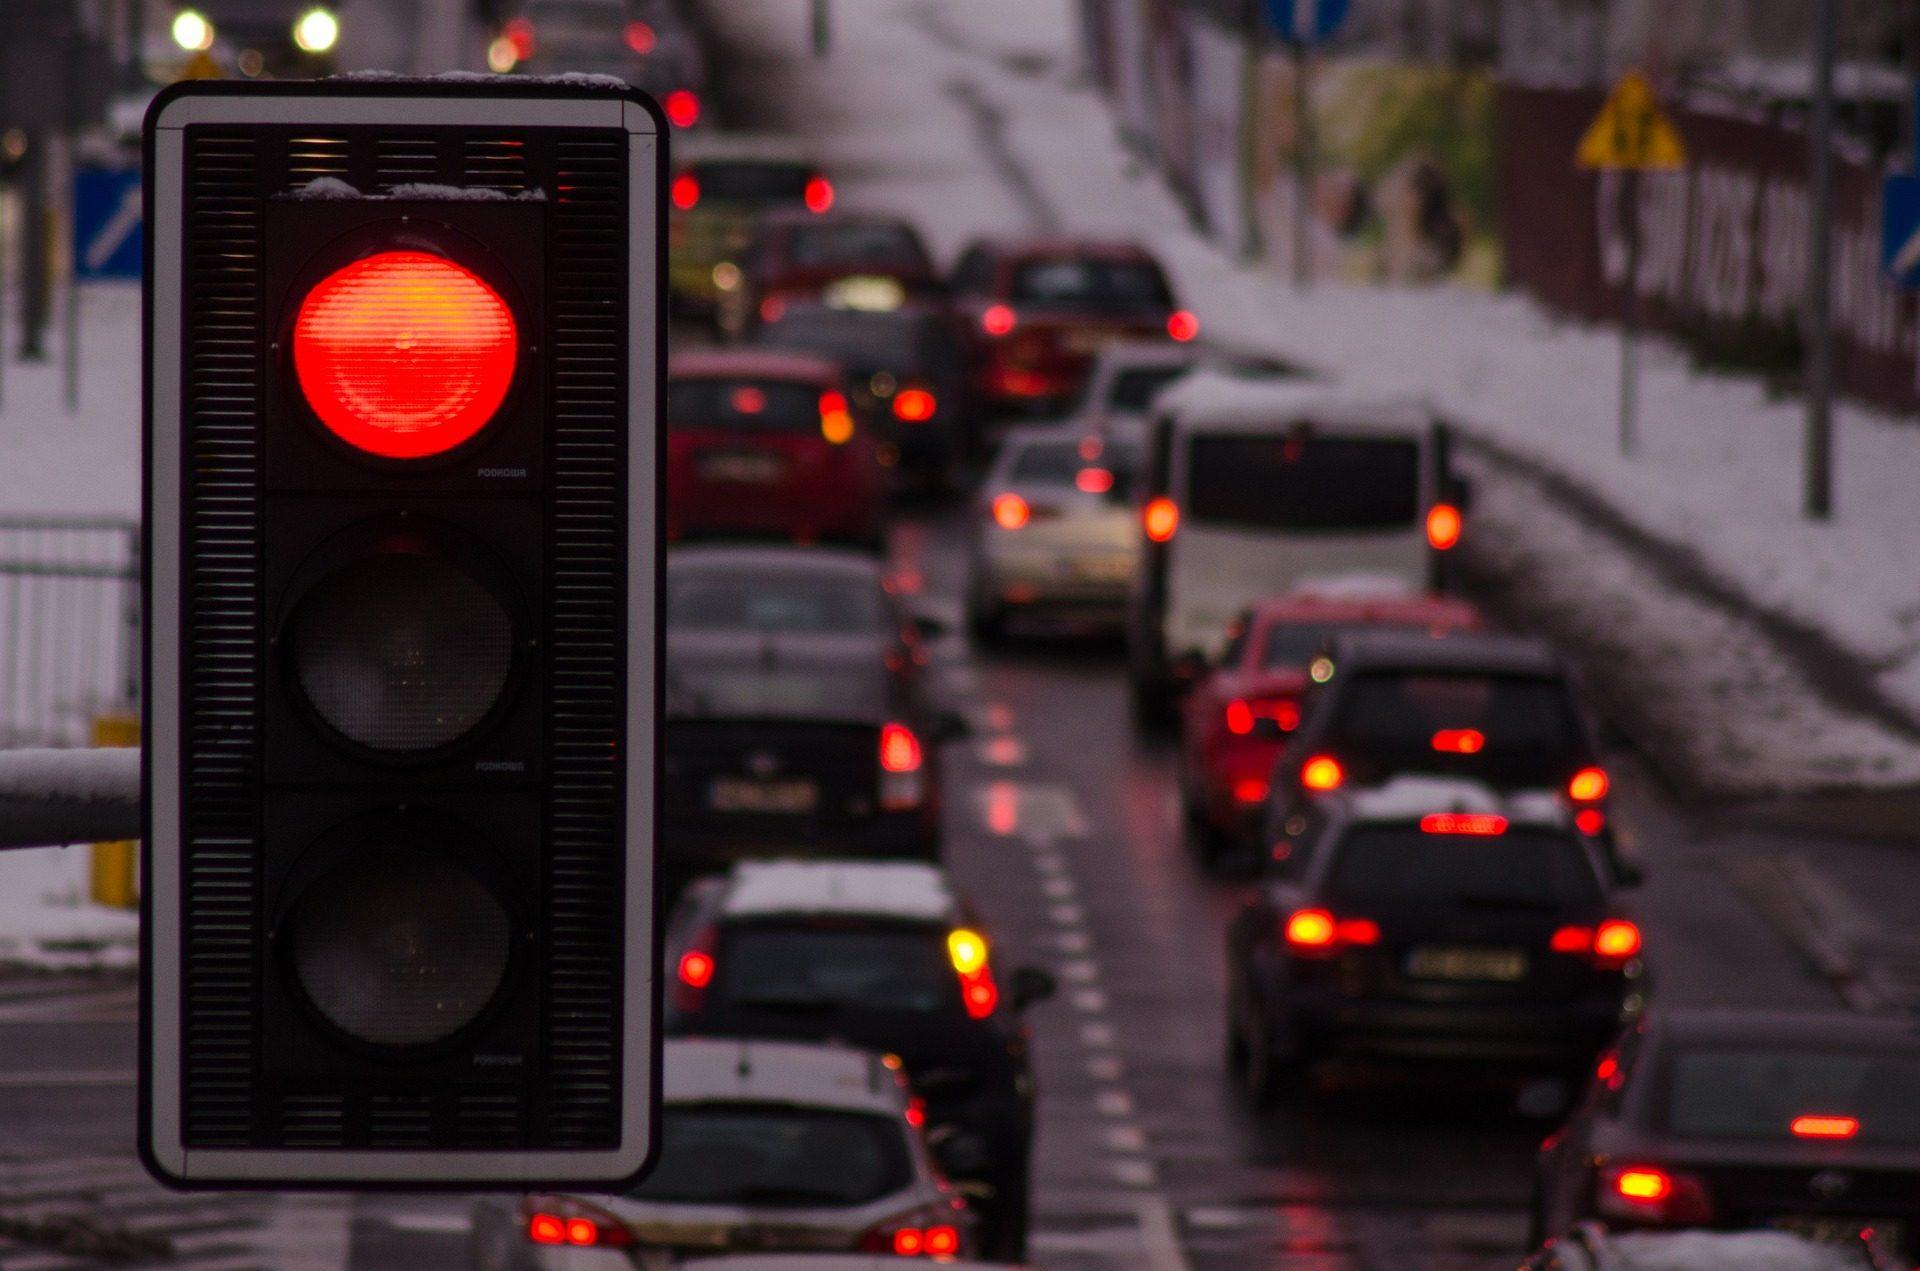 ट्रैफिक लाइट, यातायात, जाम, शहर, कारें - HD वॉलपेपर - प्रोफेसर-falken.com